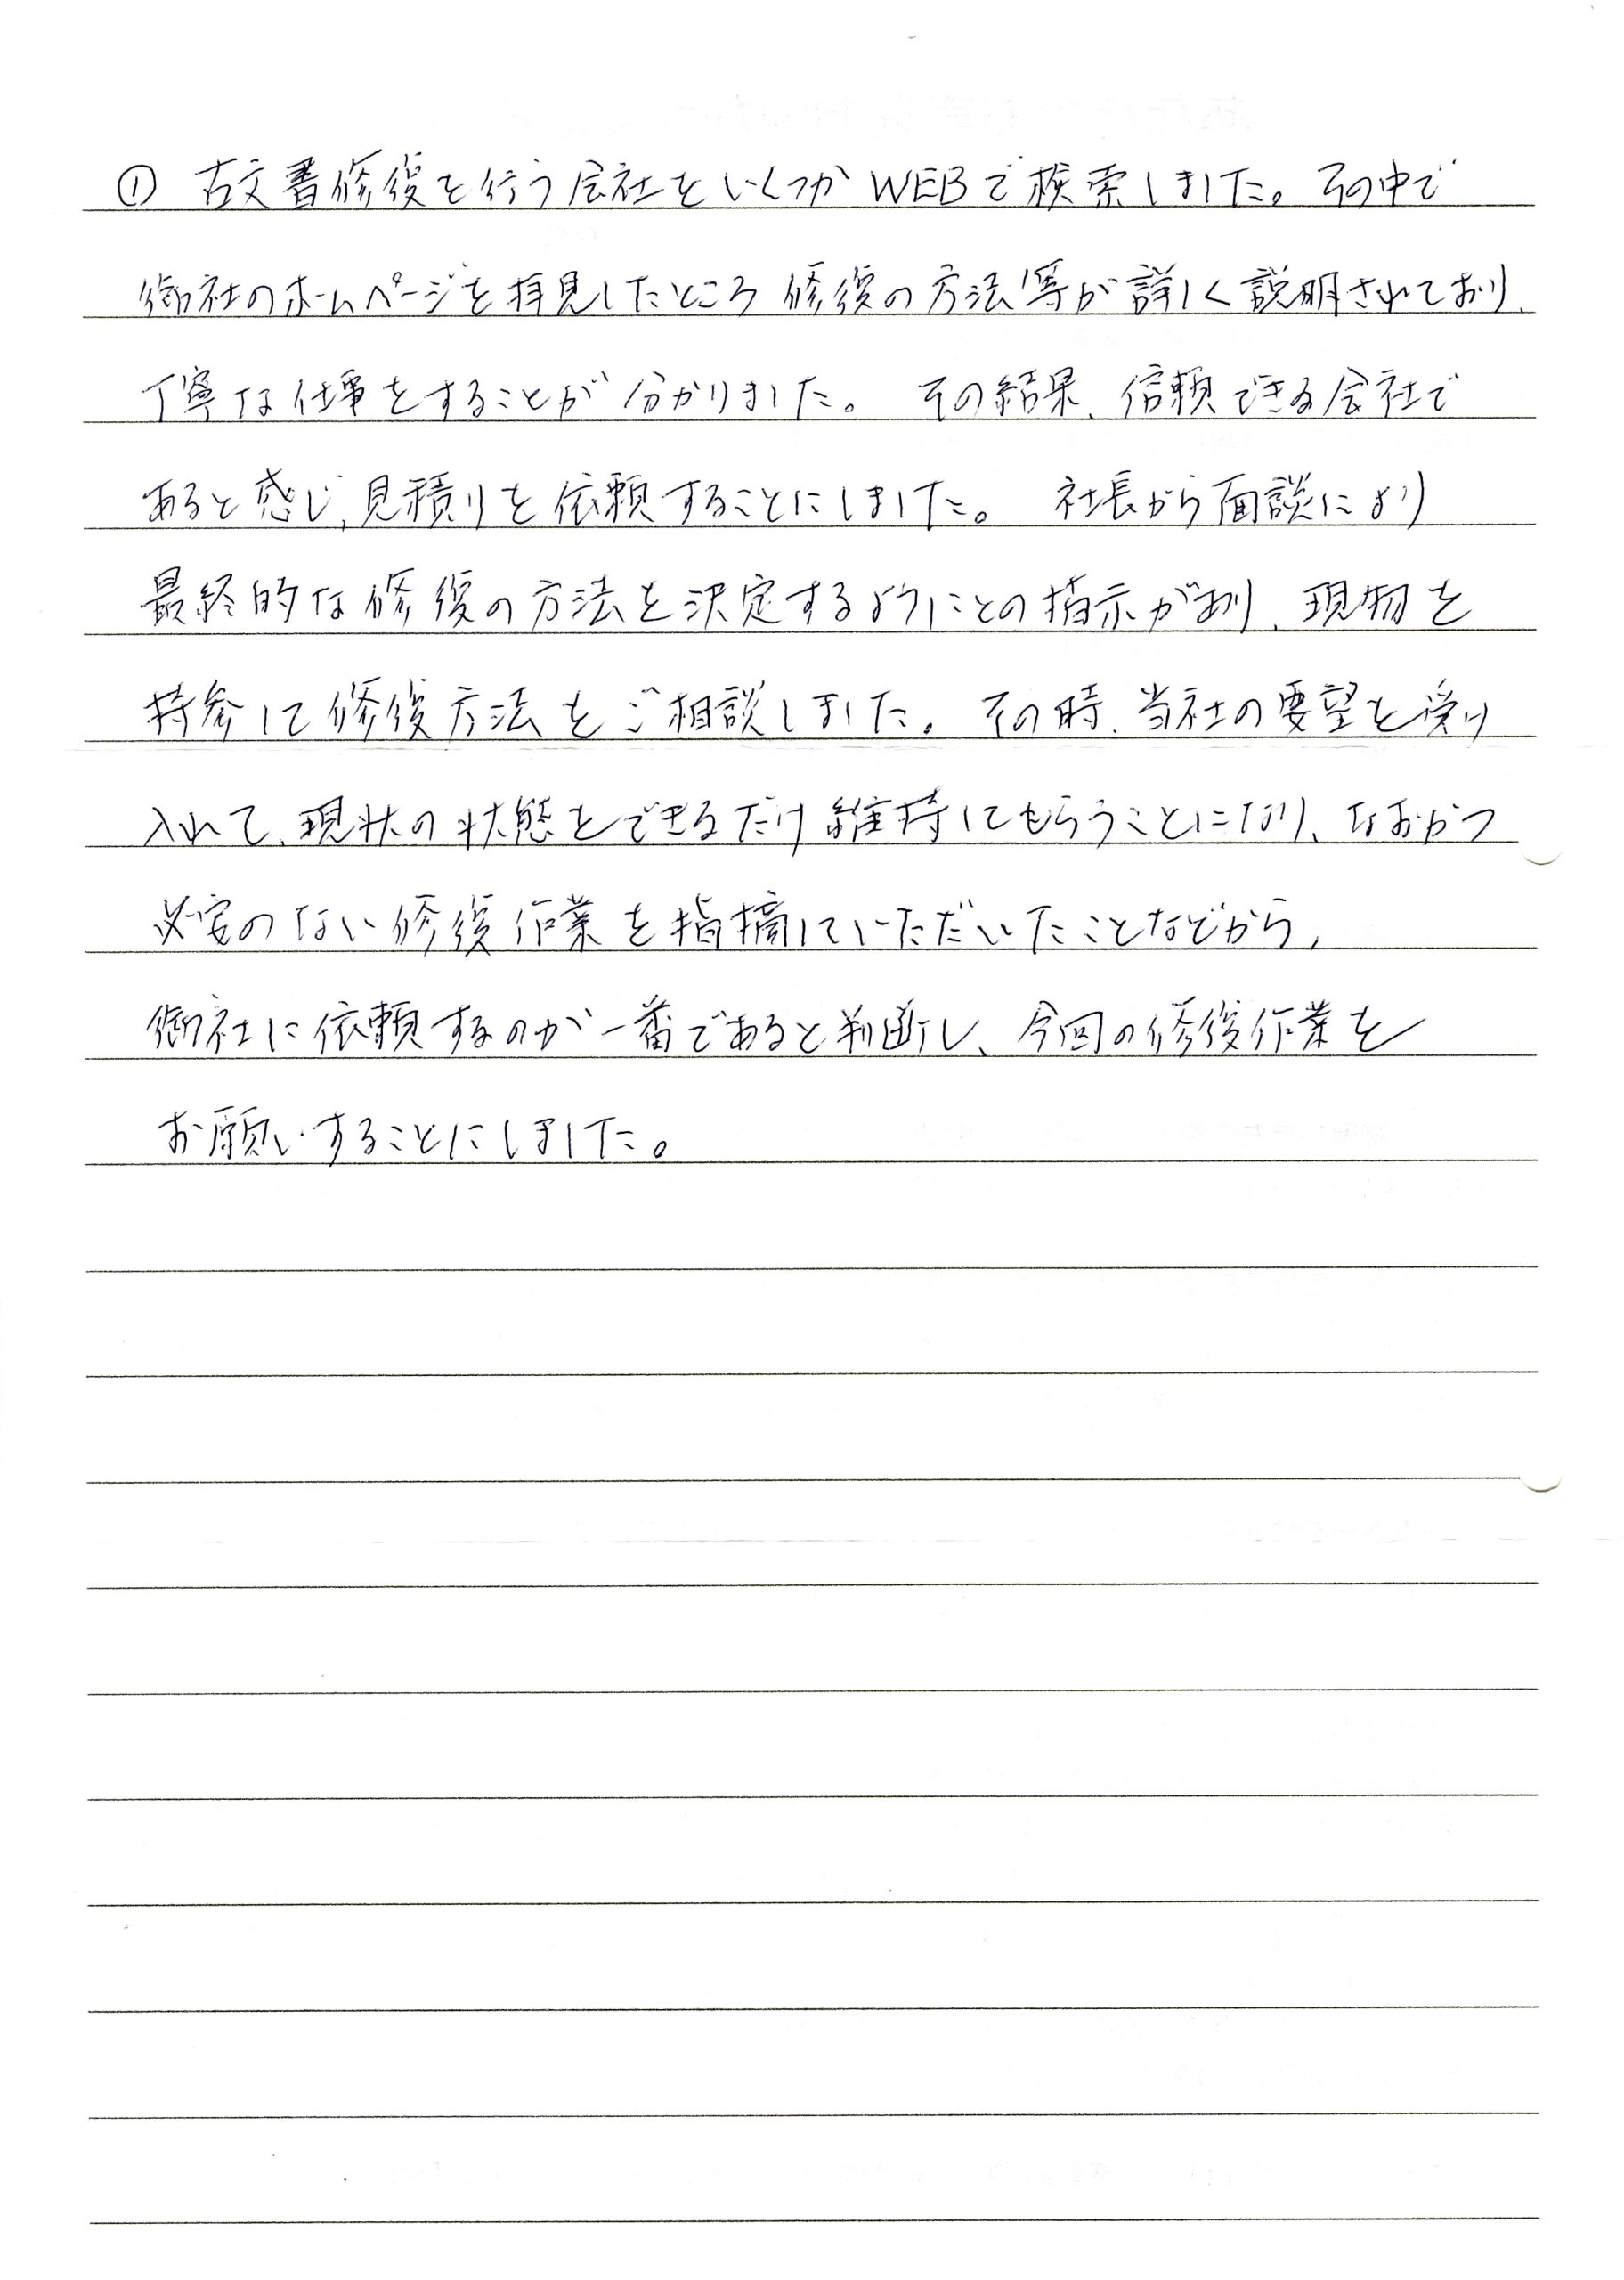 会社資料 日鉄住金高炉セメント様2